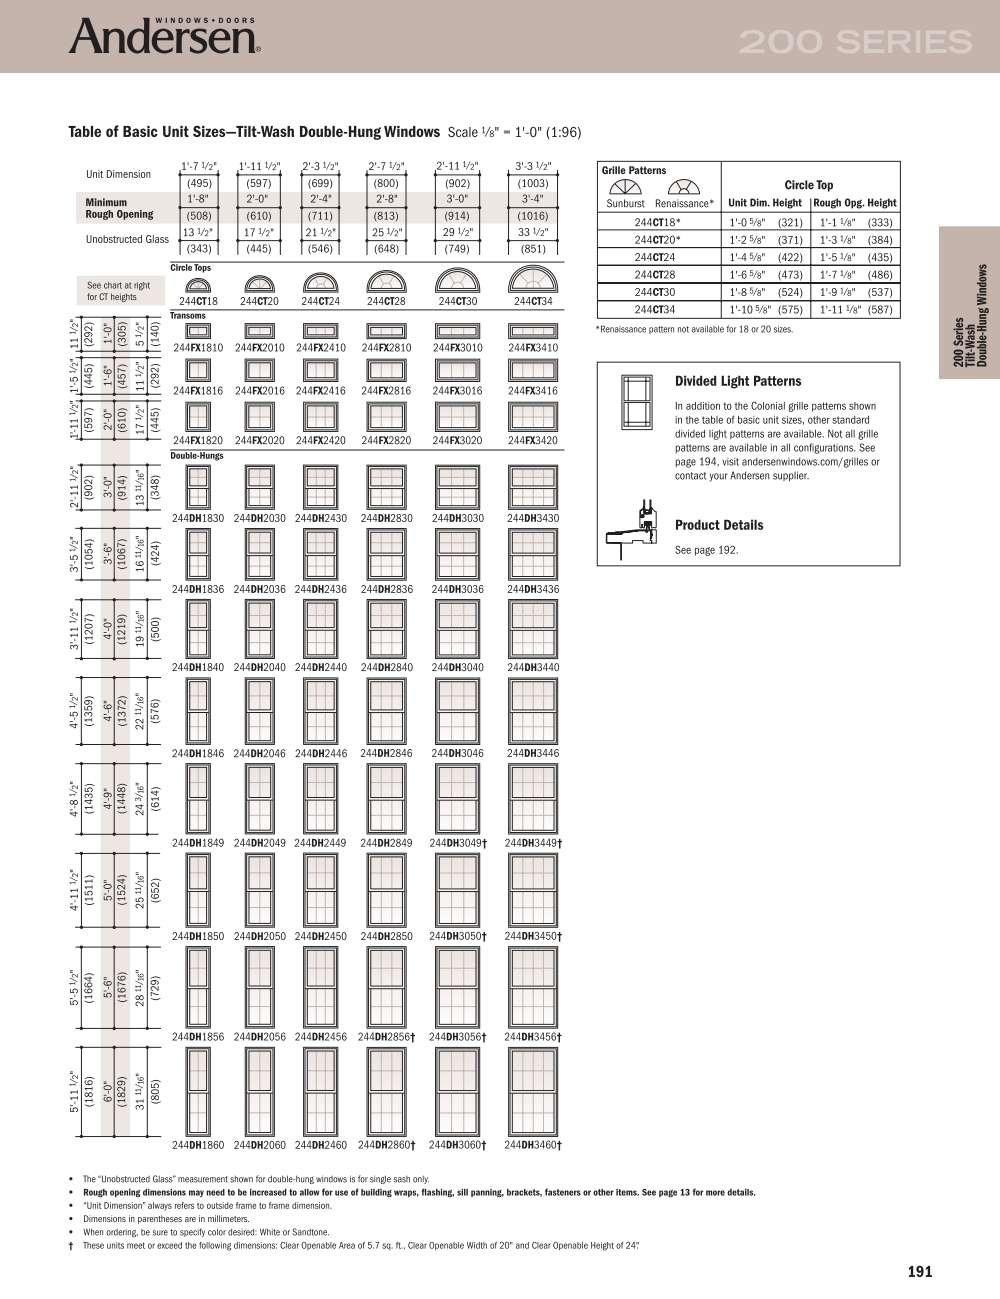 Andersen Basement Windows 200 Series